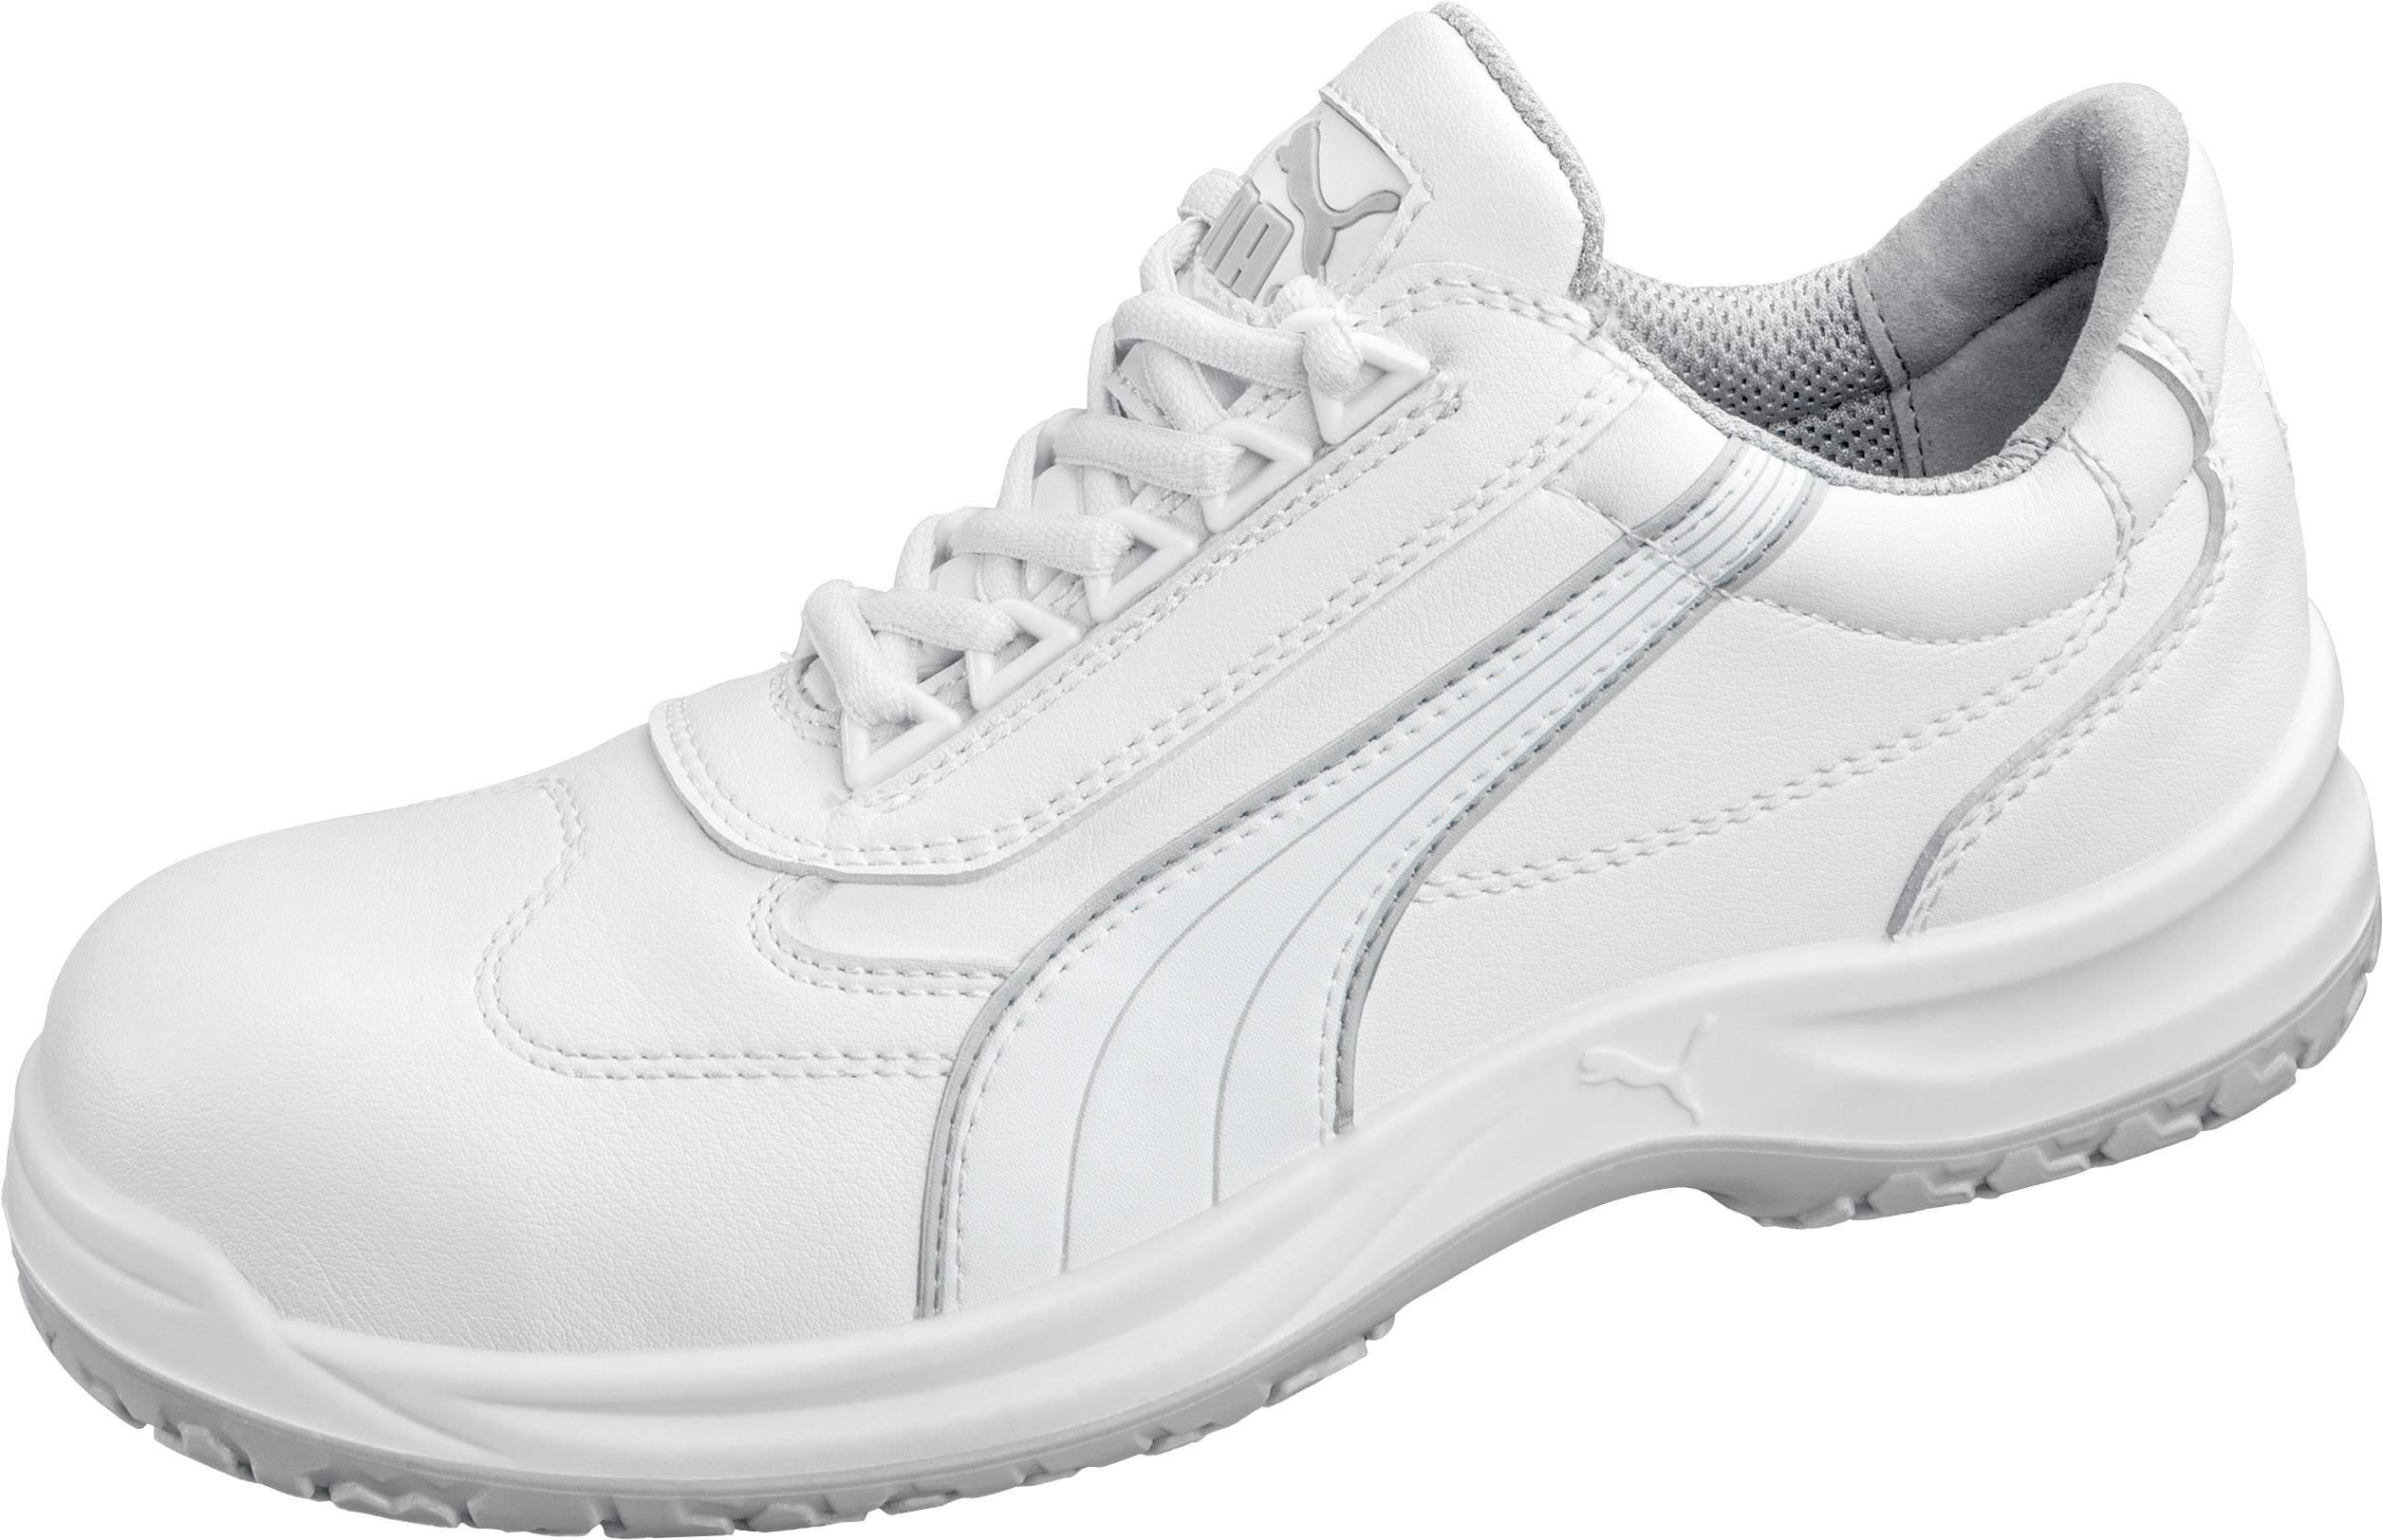 d2ee18bf9c88a4 Scarpe di sicurezza S2 Misura: 37 Bianco PUMA Safety Clarity Low 640622 1  Paia | Conrad.it